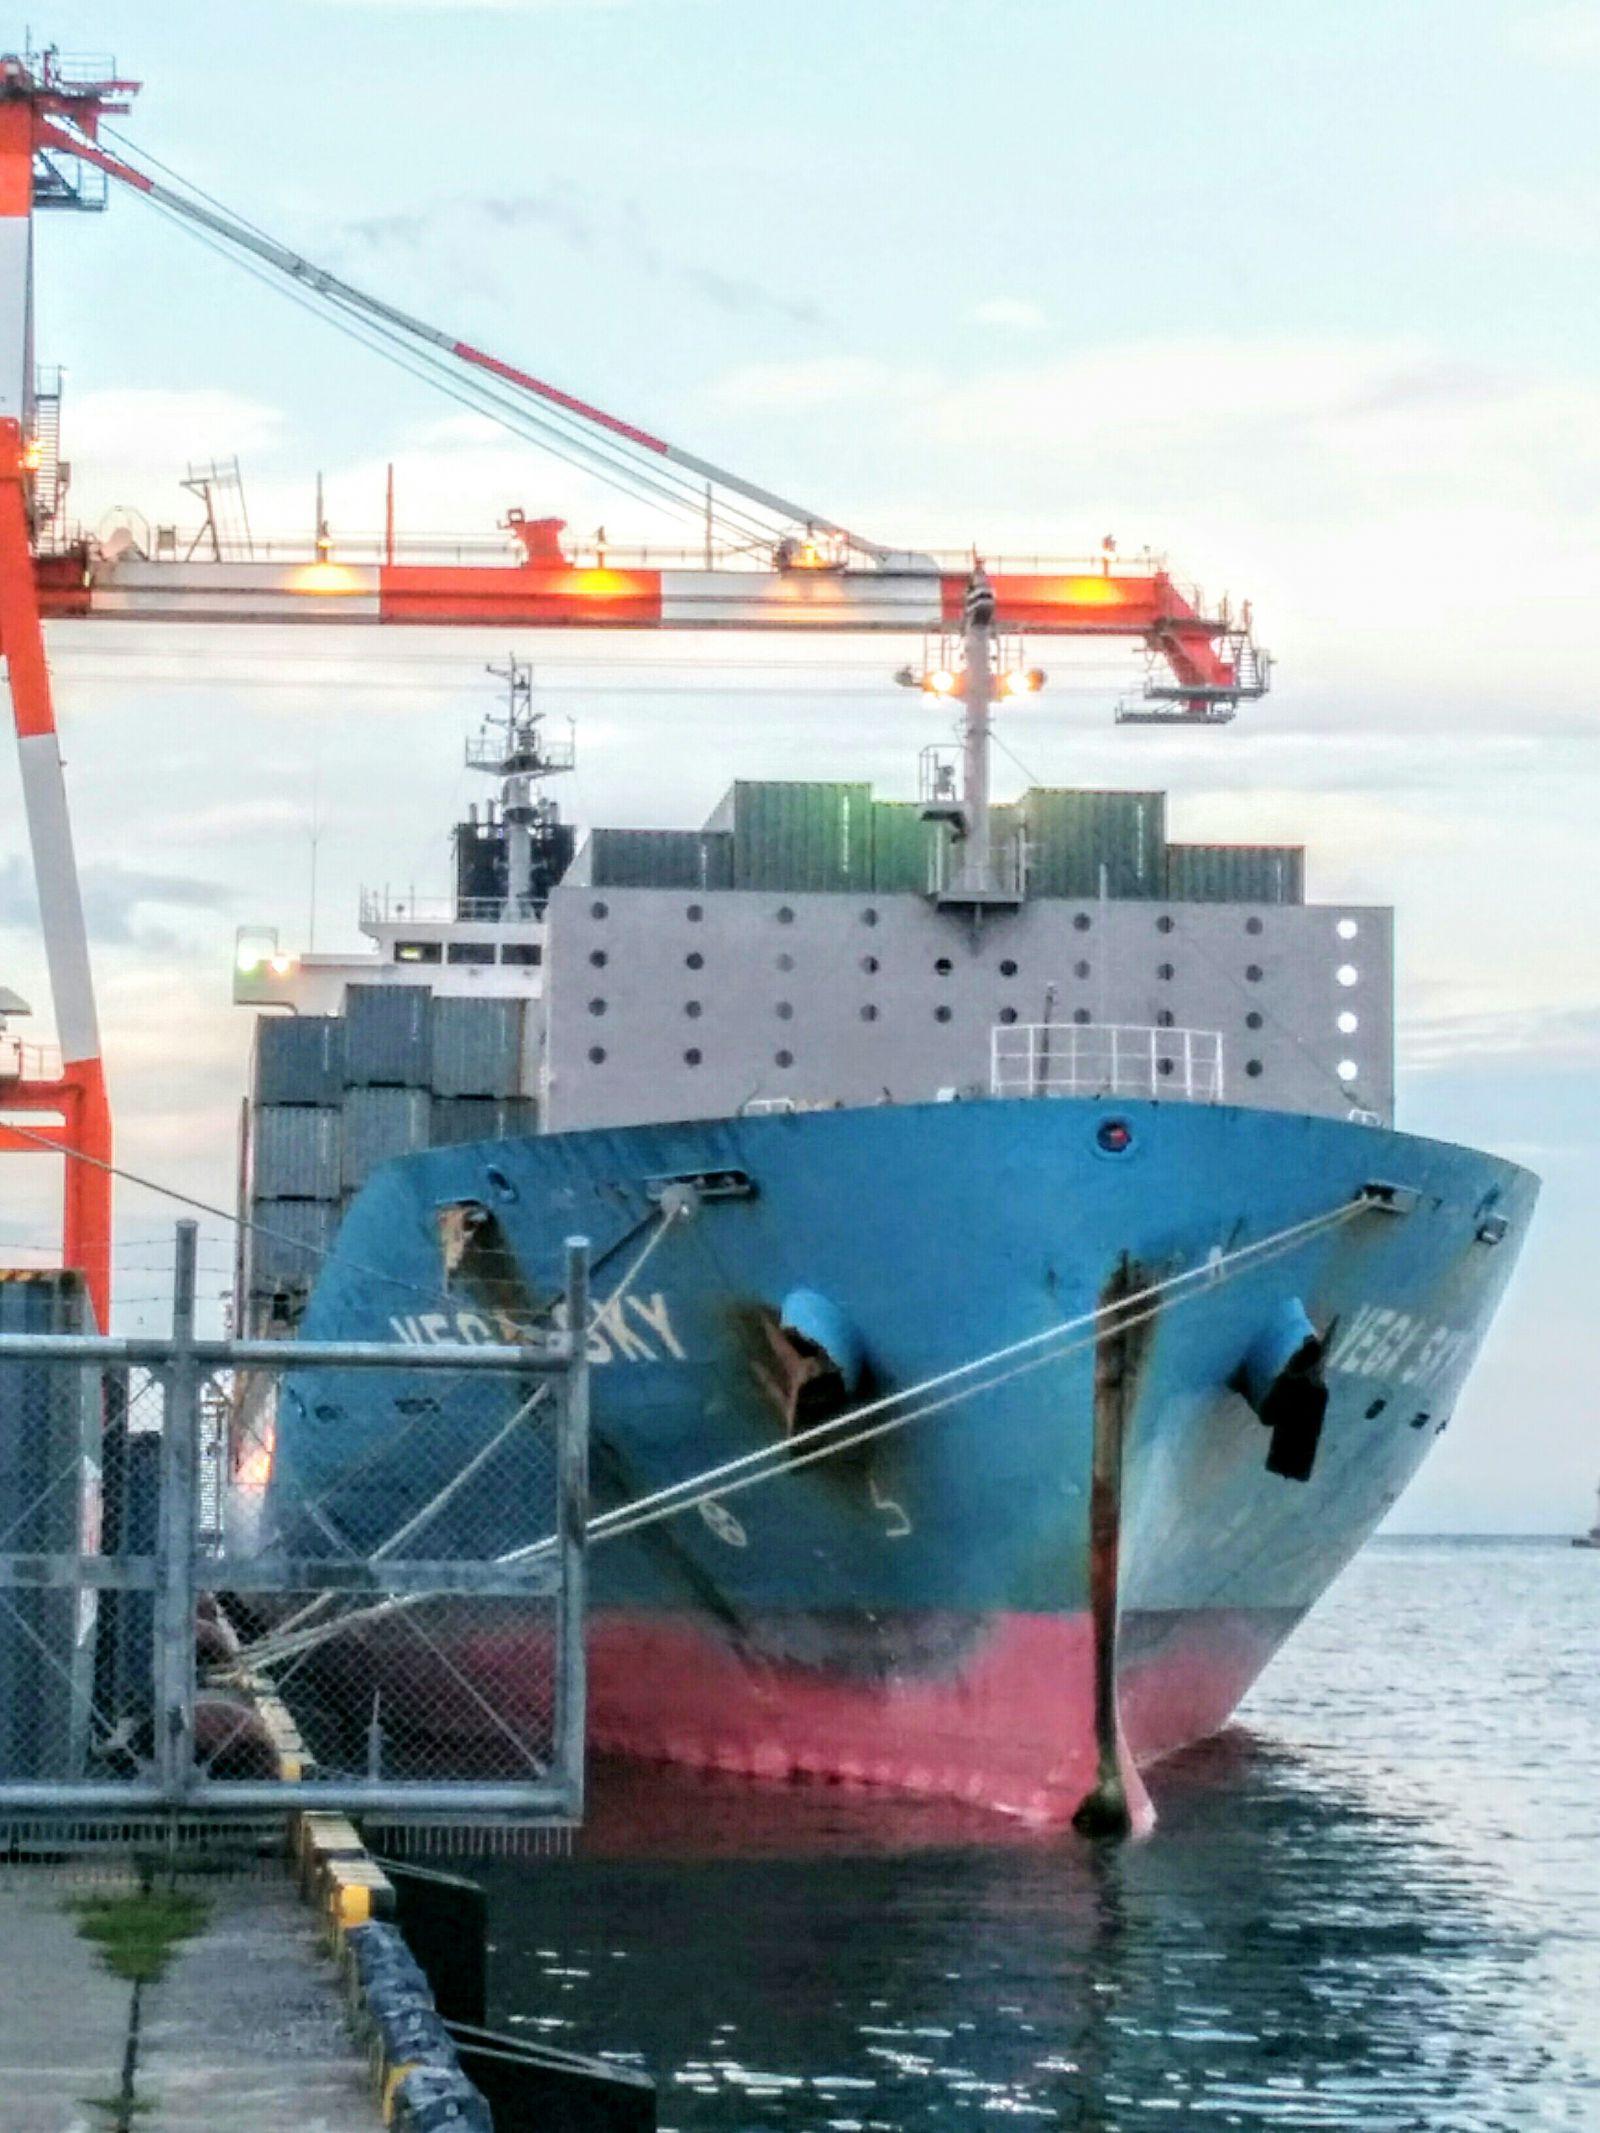 【小樽市】港町埠頭コンテナ船の写真です。